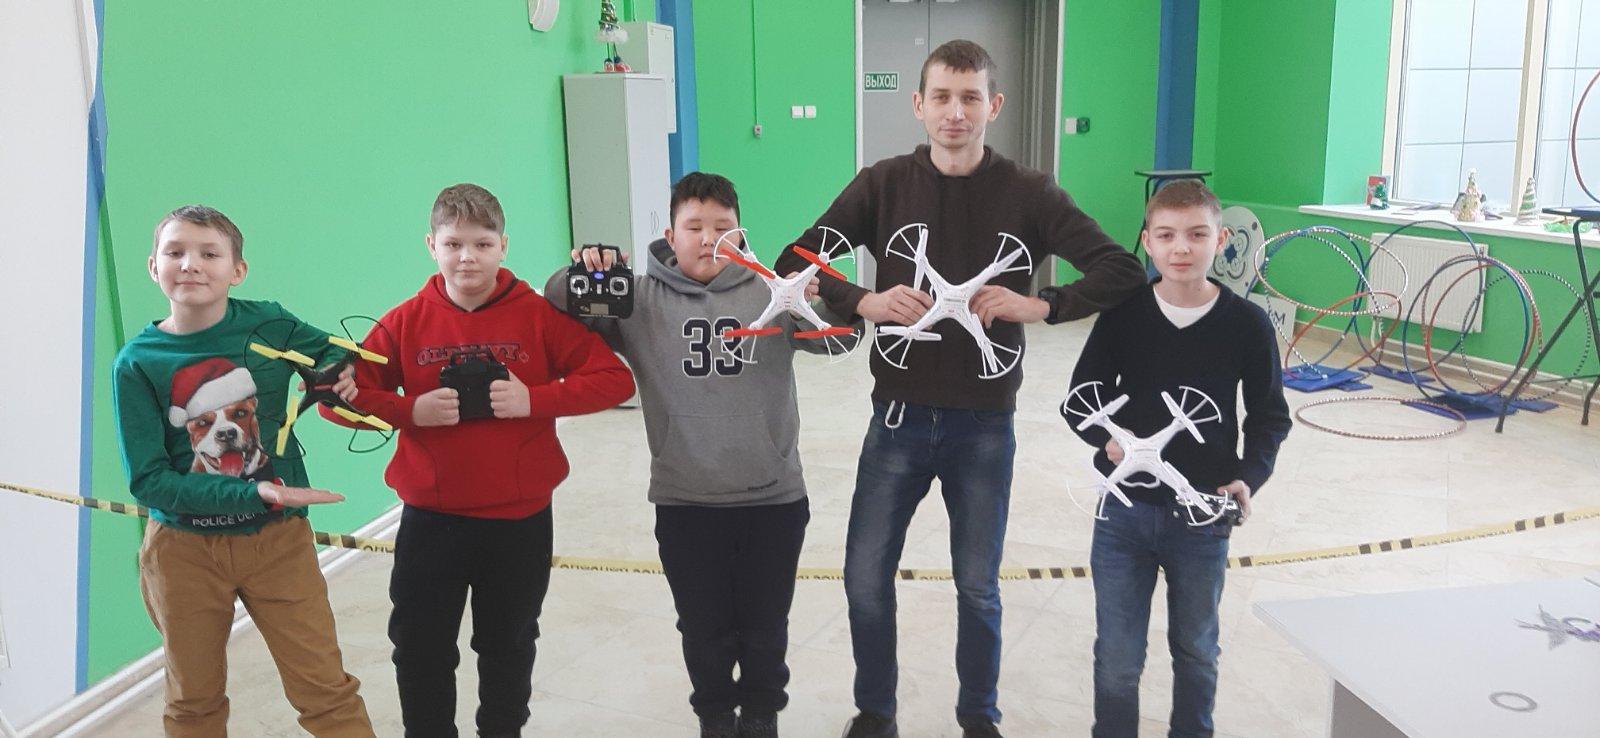 С 9 по 11 января в детском технопарке «Кванториум «Хакасия» проходят Инженерные каникулы в рамках Всероссийской Недели науки и техники для детей и юношества